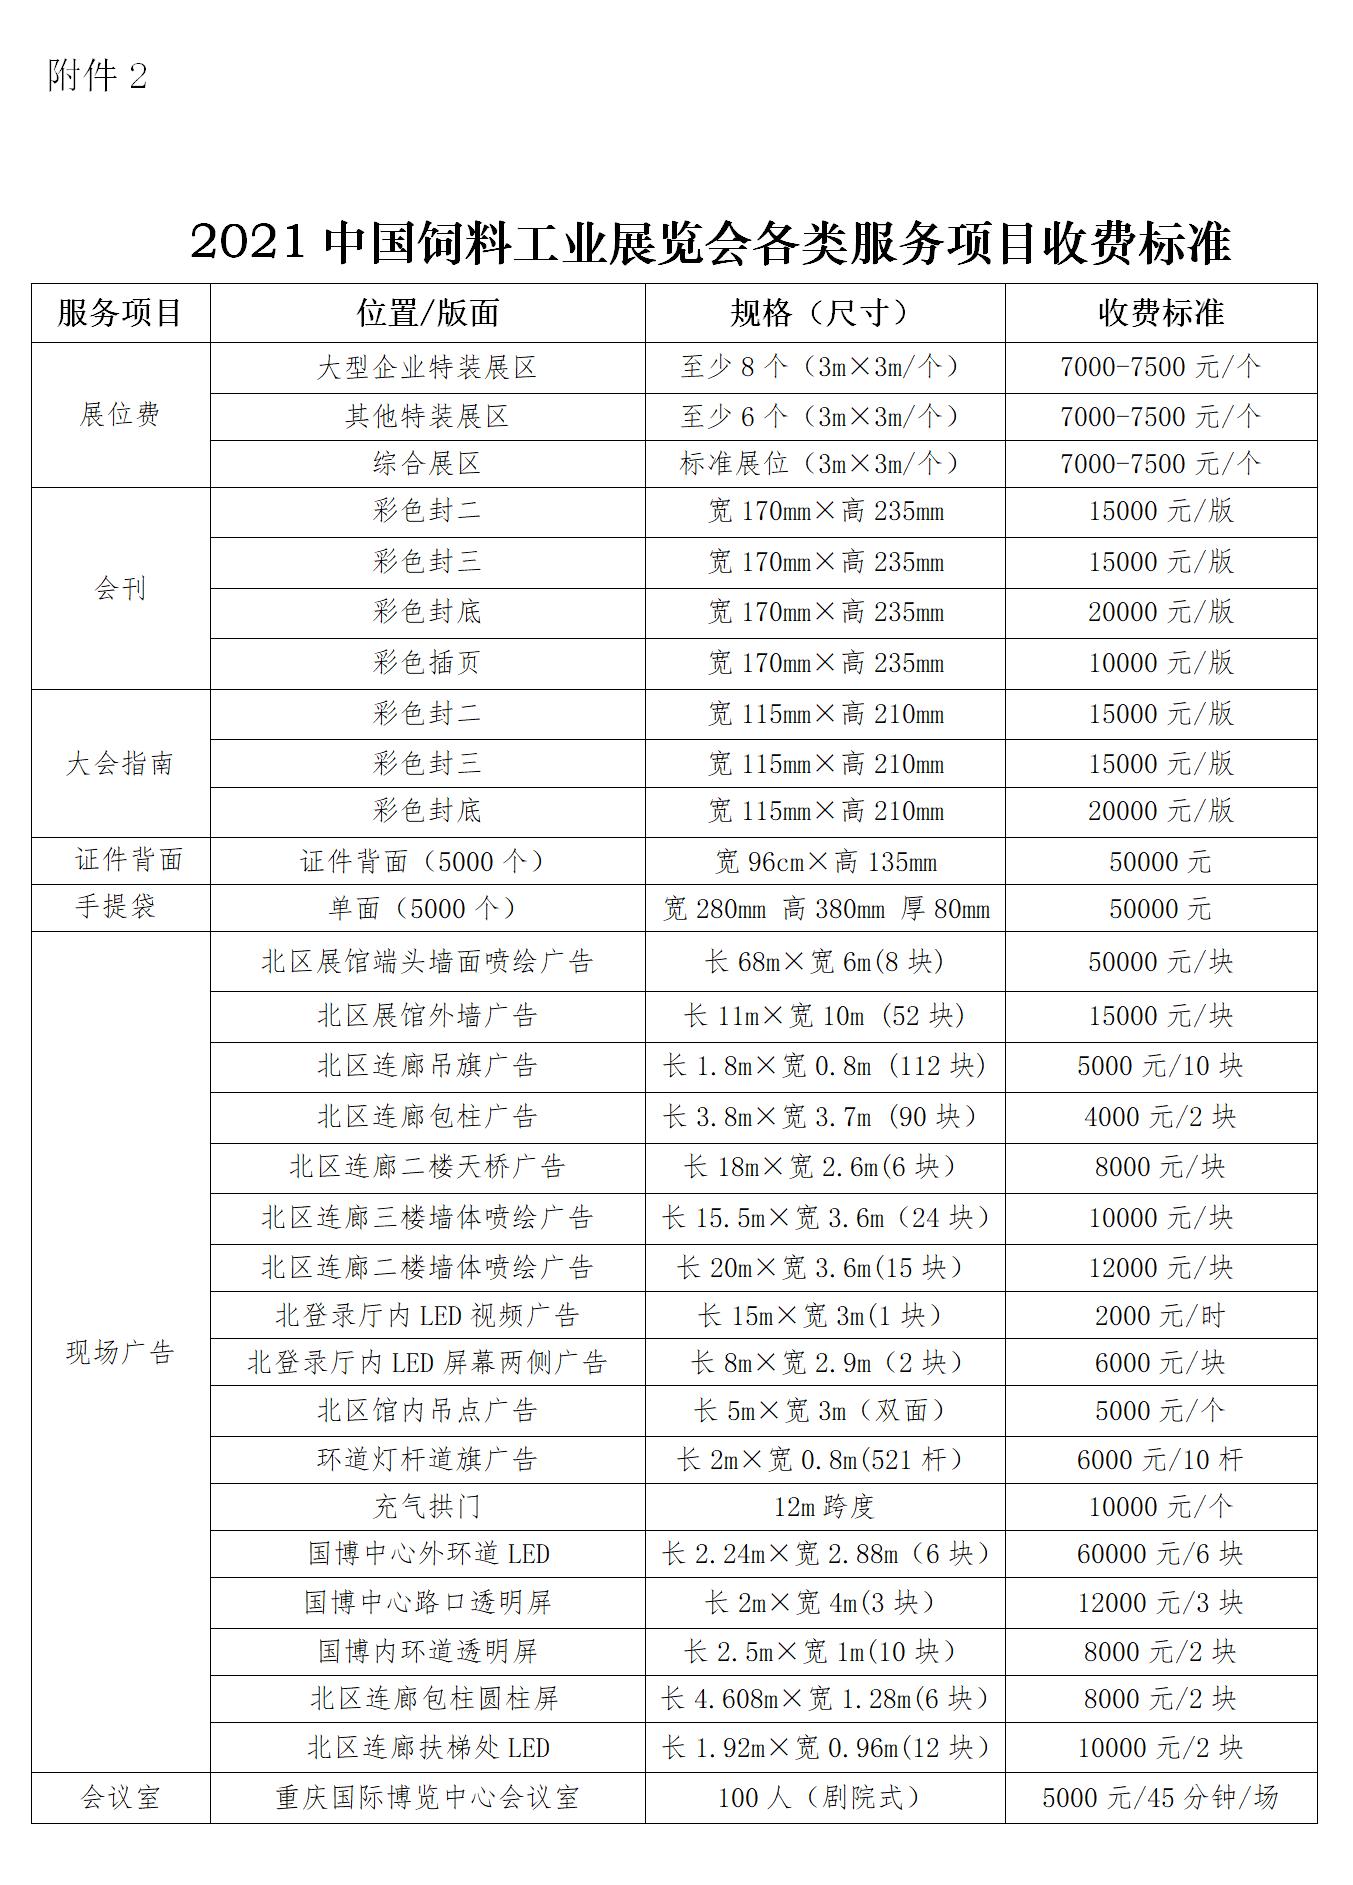 关于举办2021中国饲料工业展览会的通知